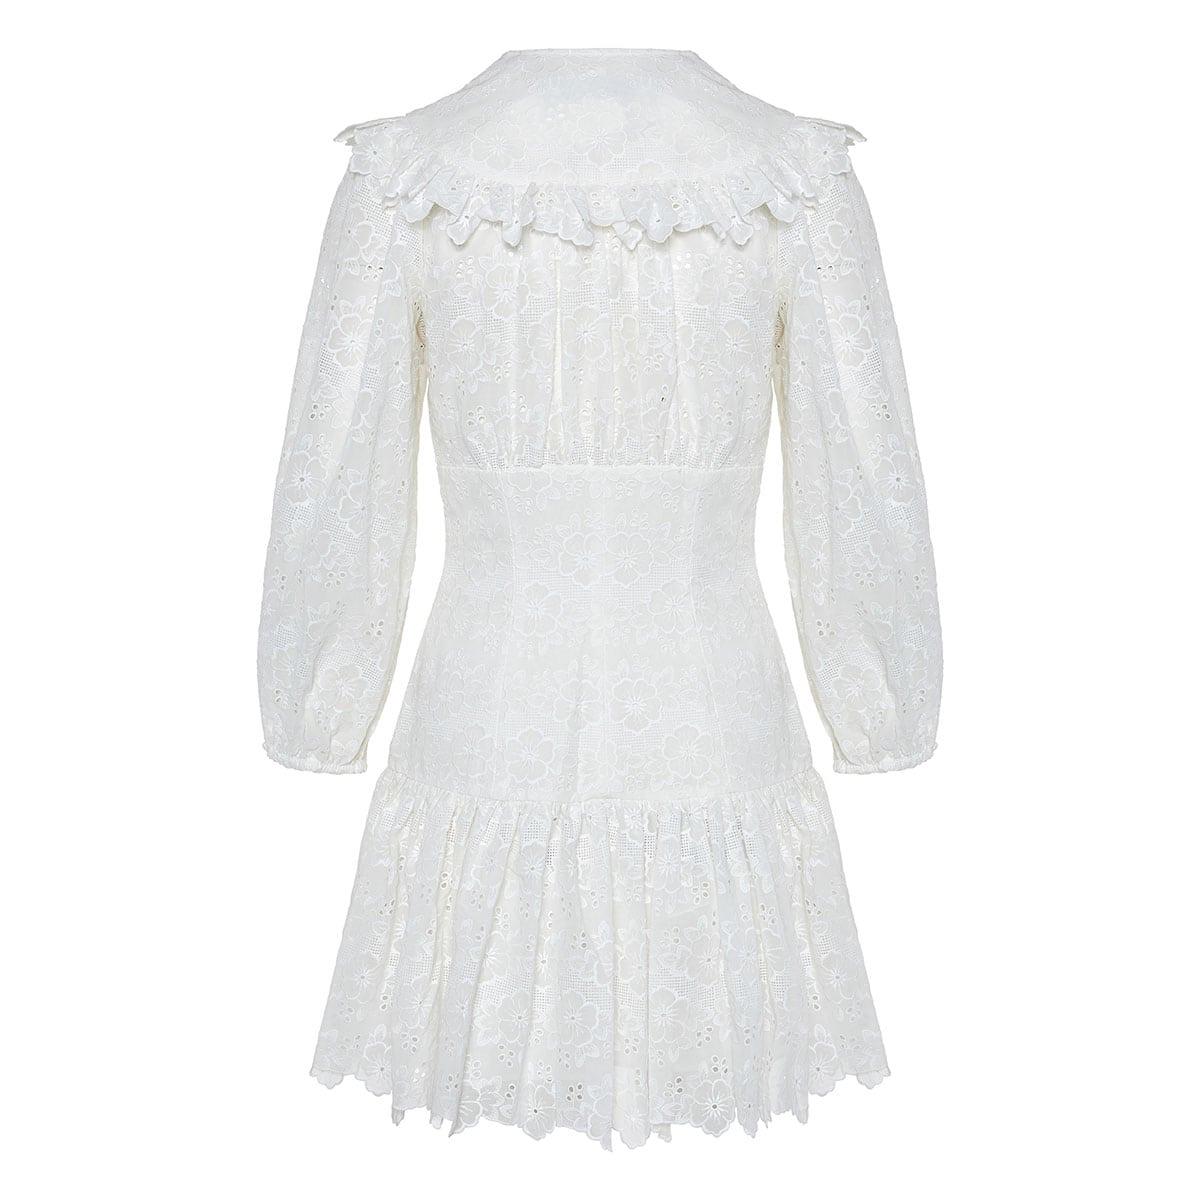 Honour lace corset mini dress